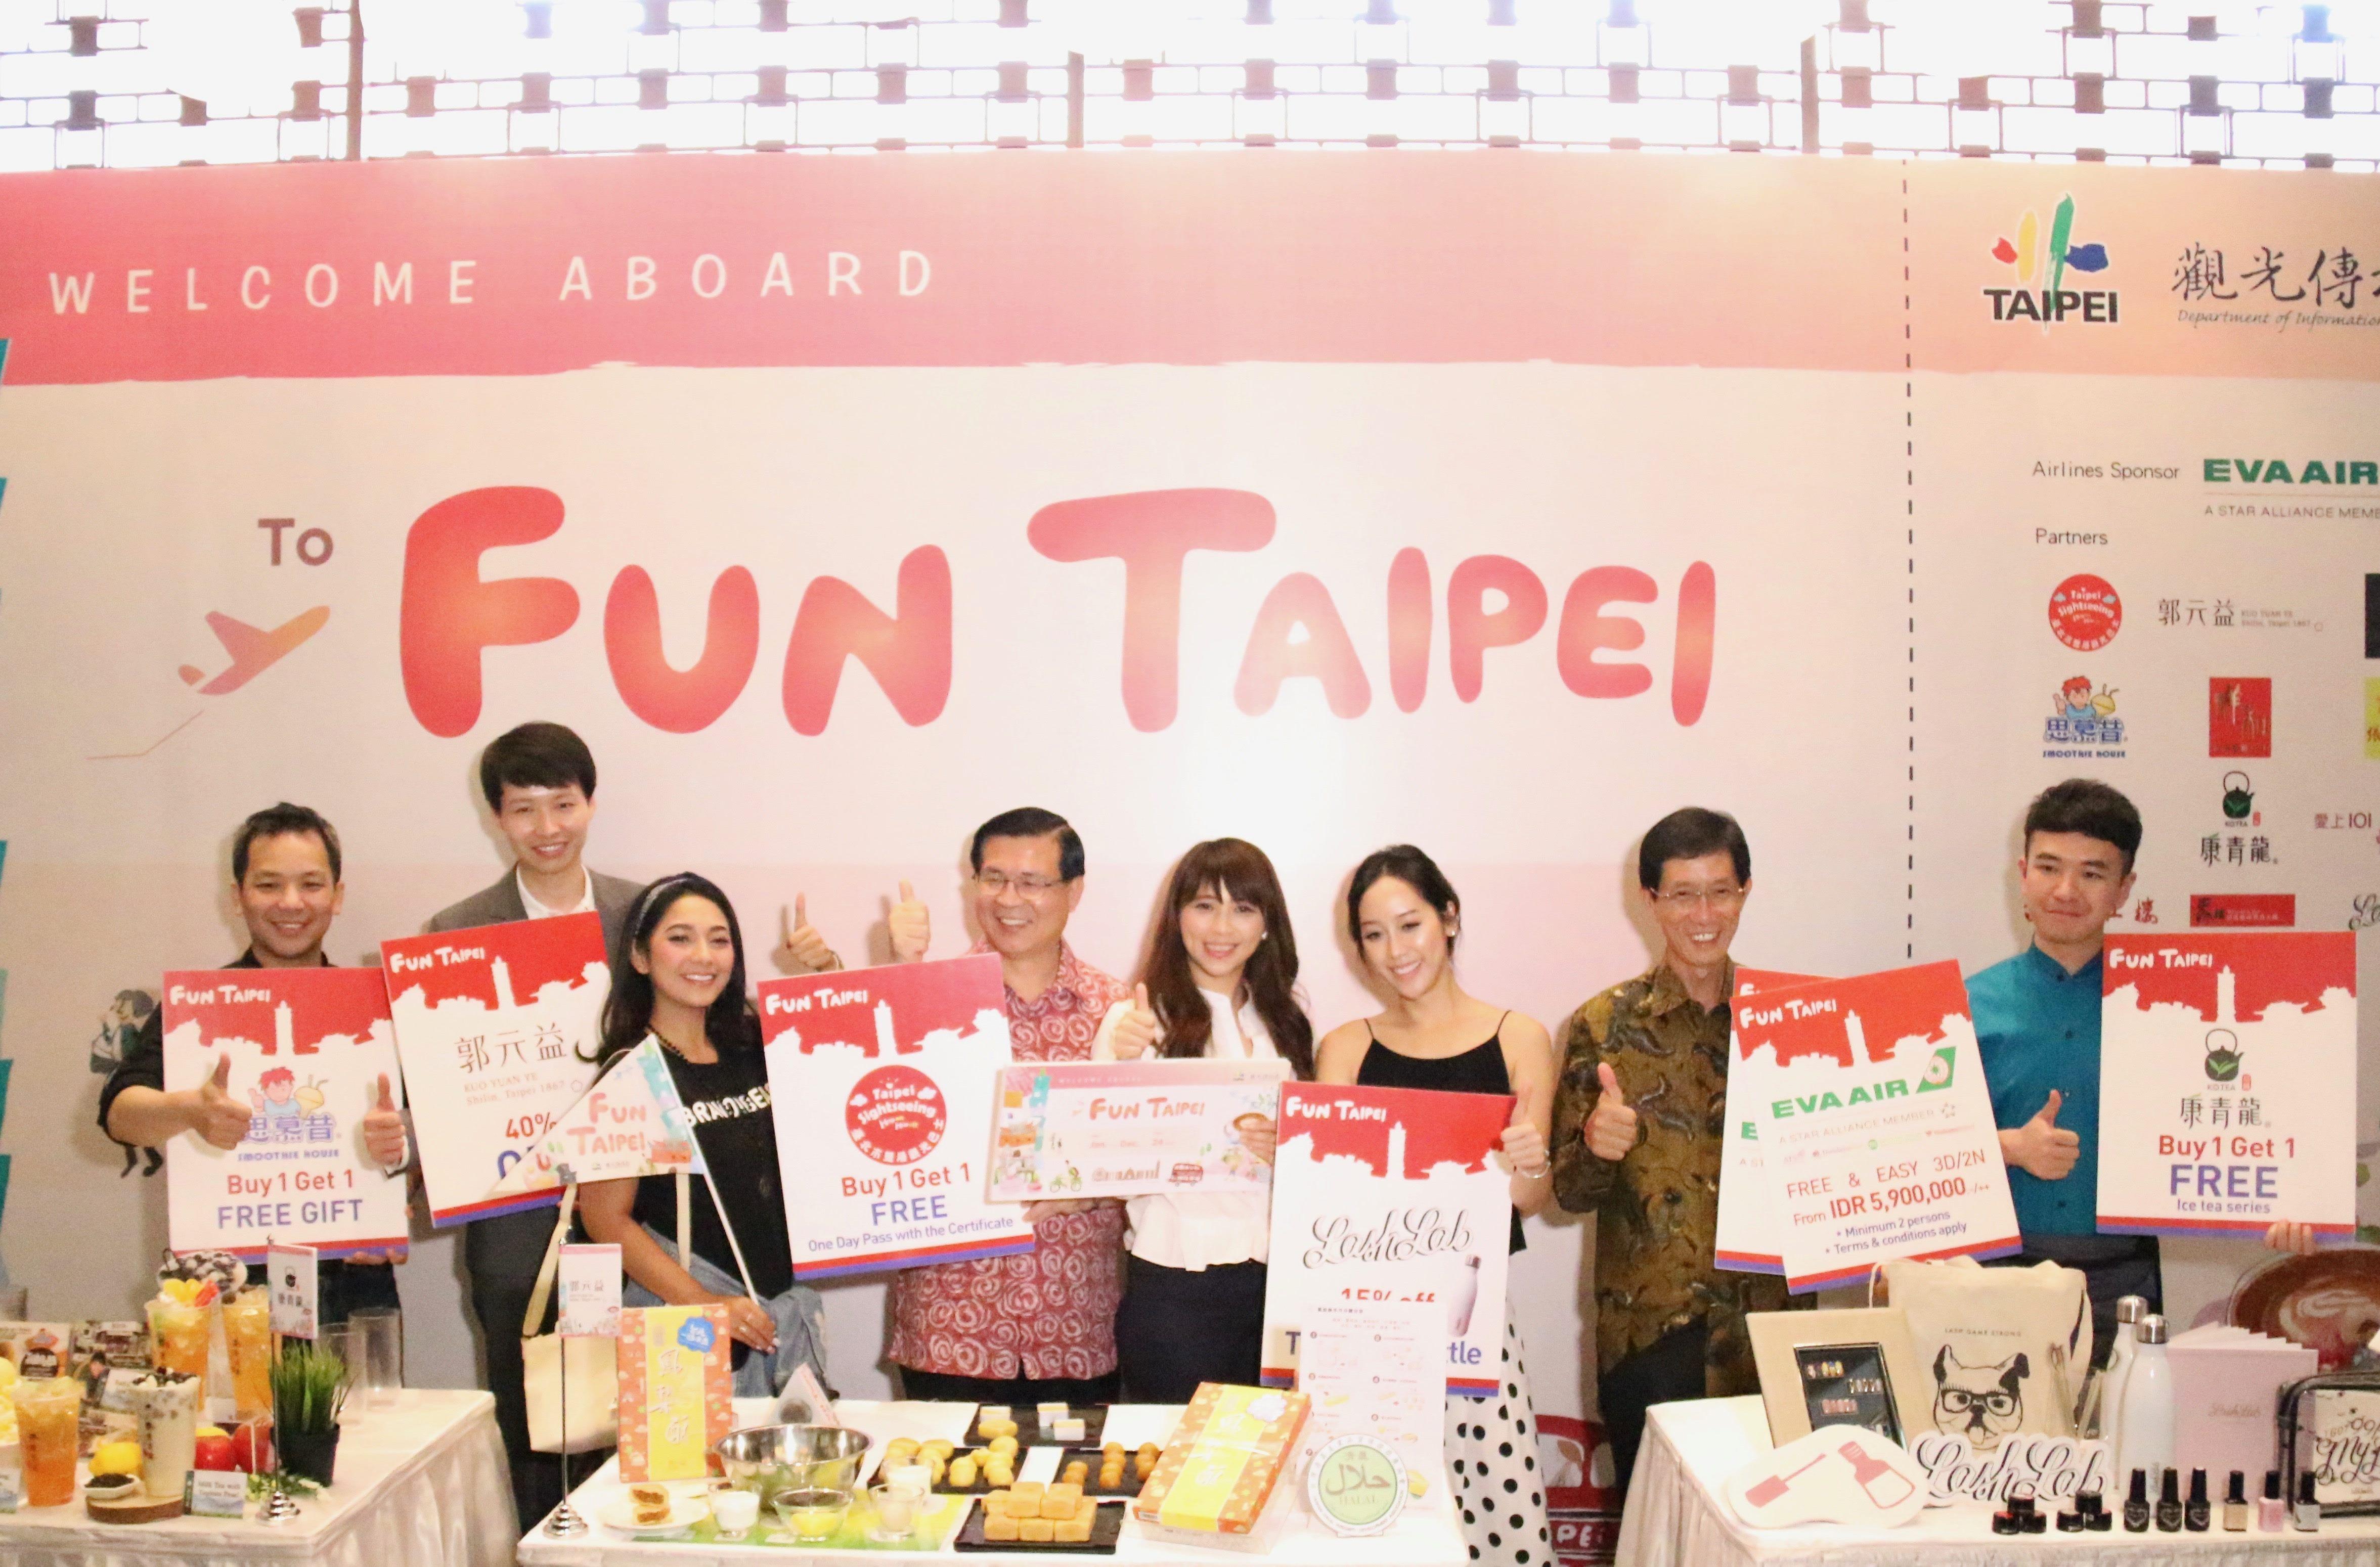 臺北市觀傳局結合航空公司、旅行業者及店家於印尼推出FunTaipei優惠產品,並推出電子手冊優惠券,響應智慧旅遊